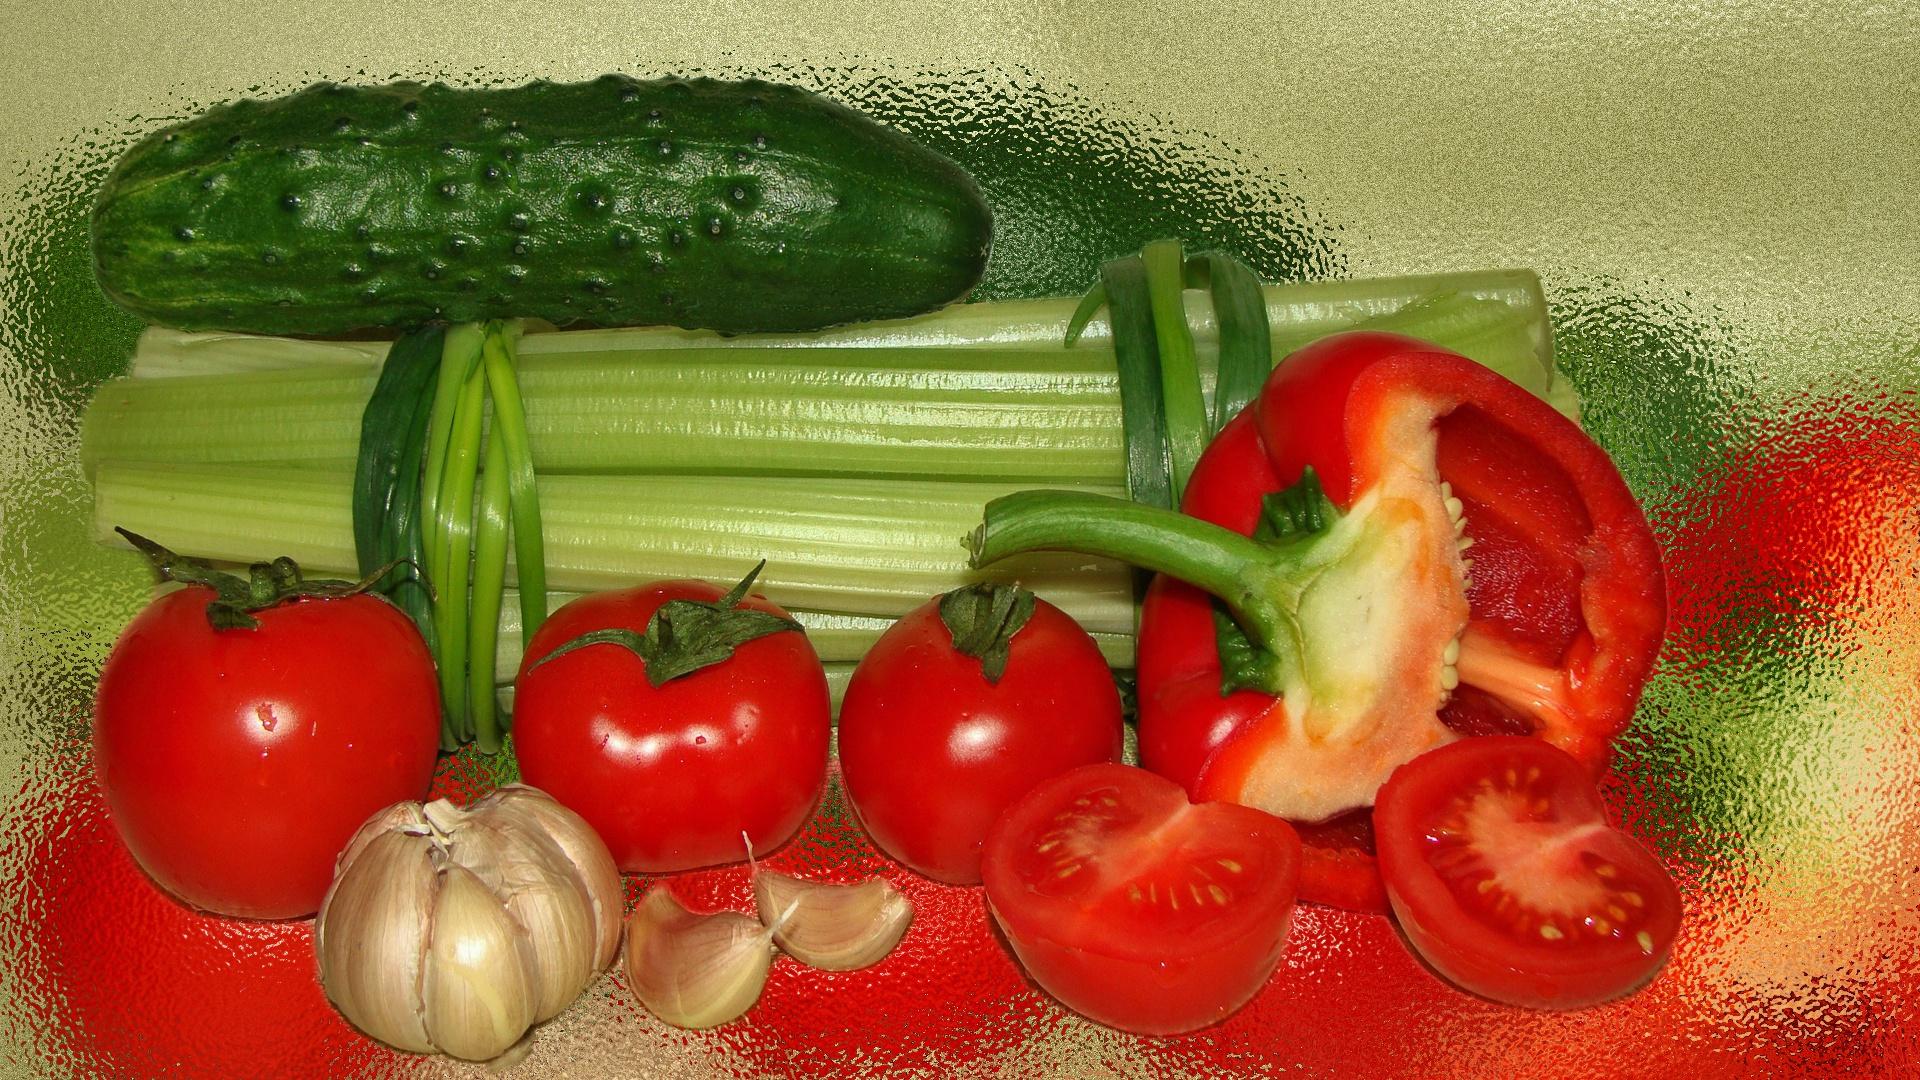 Прикольные картинки с огурцами и помидорами, дню учителя картинки